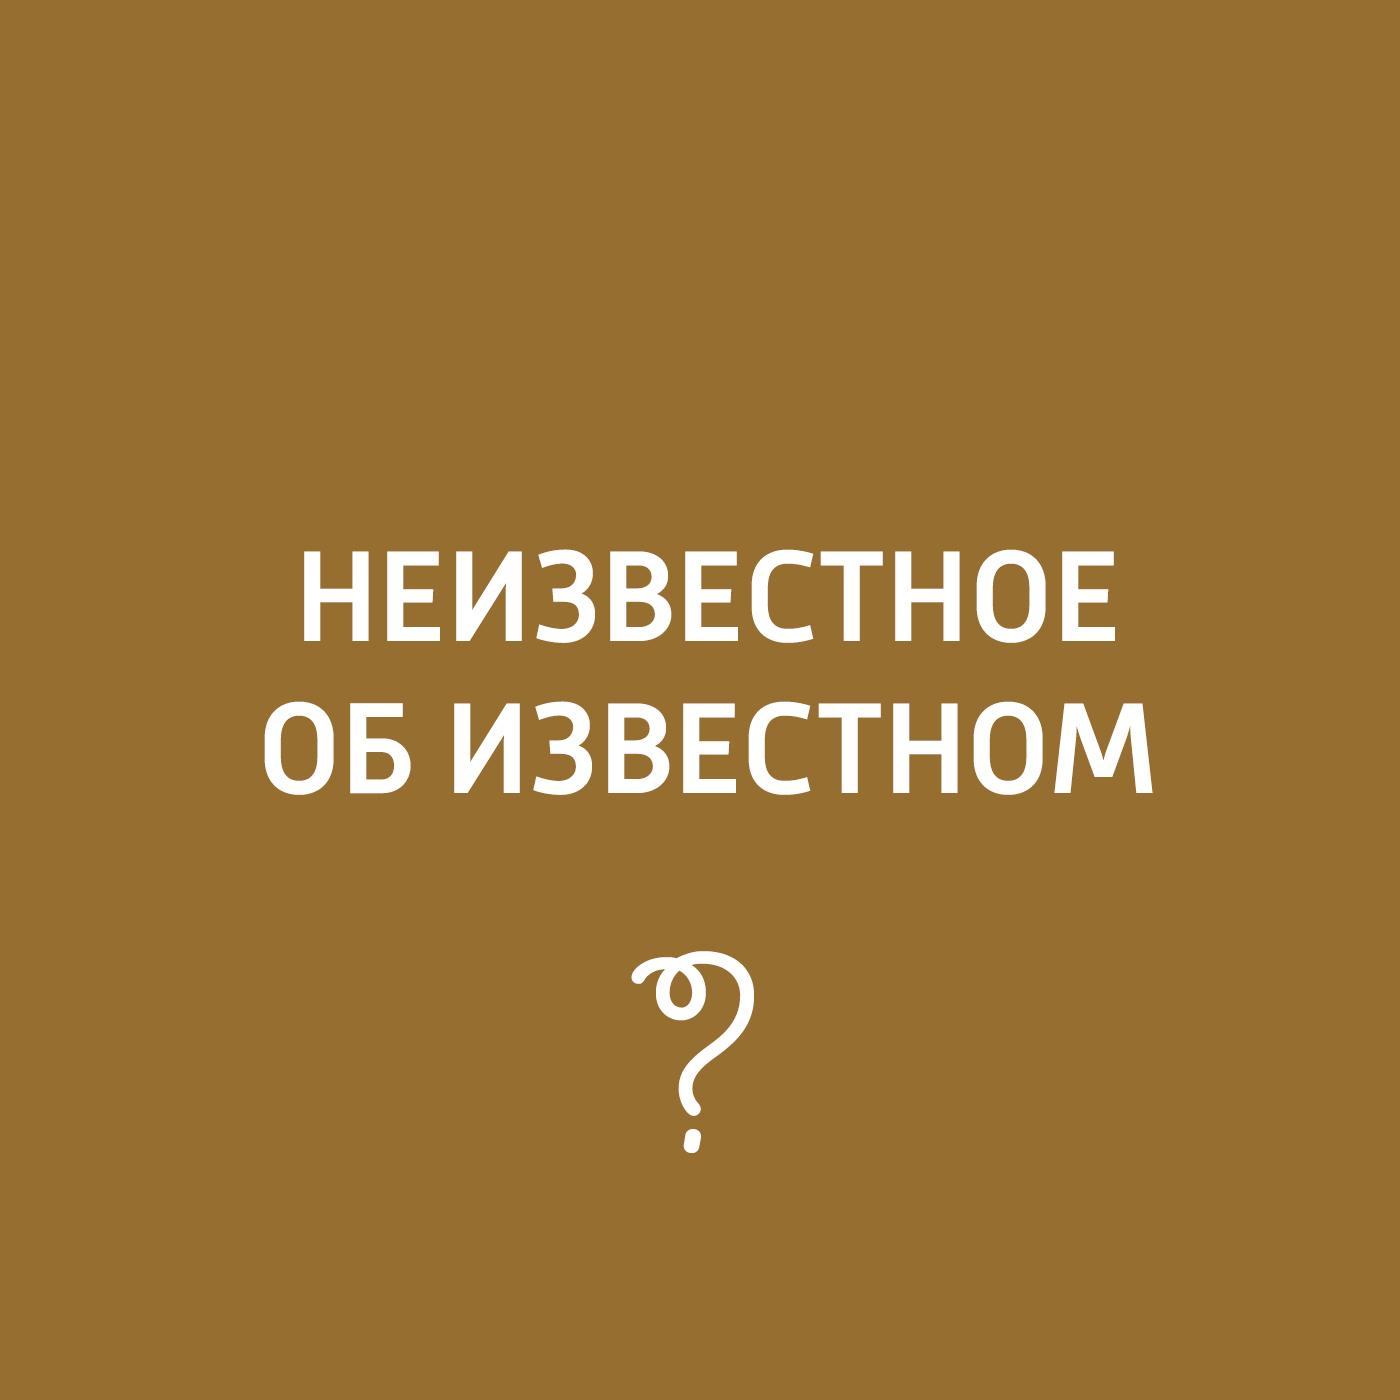 Гусарство Дениса Давыдова